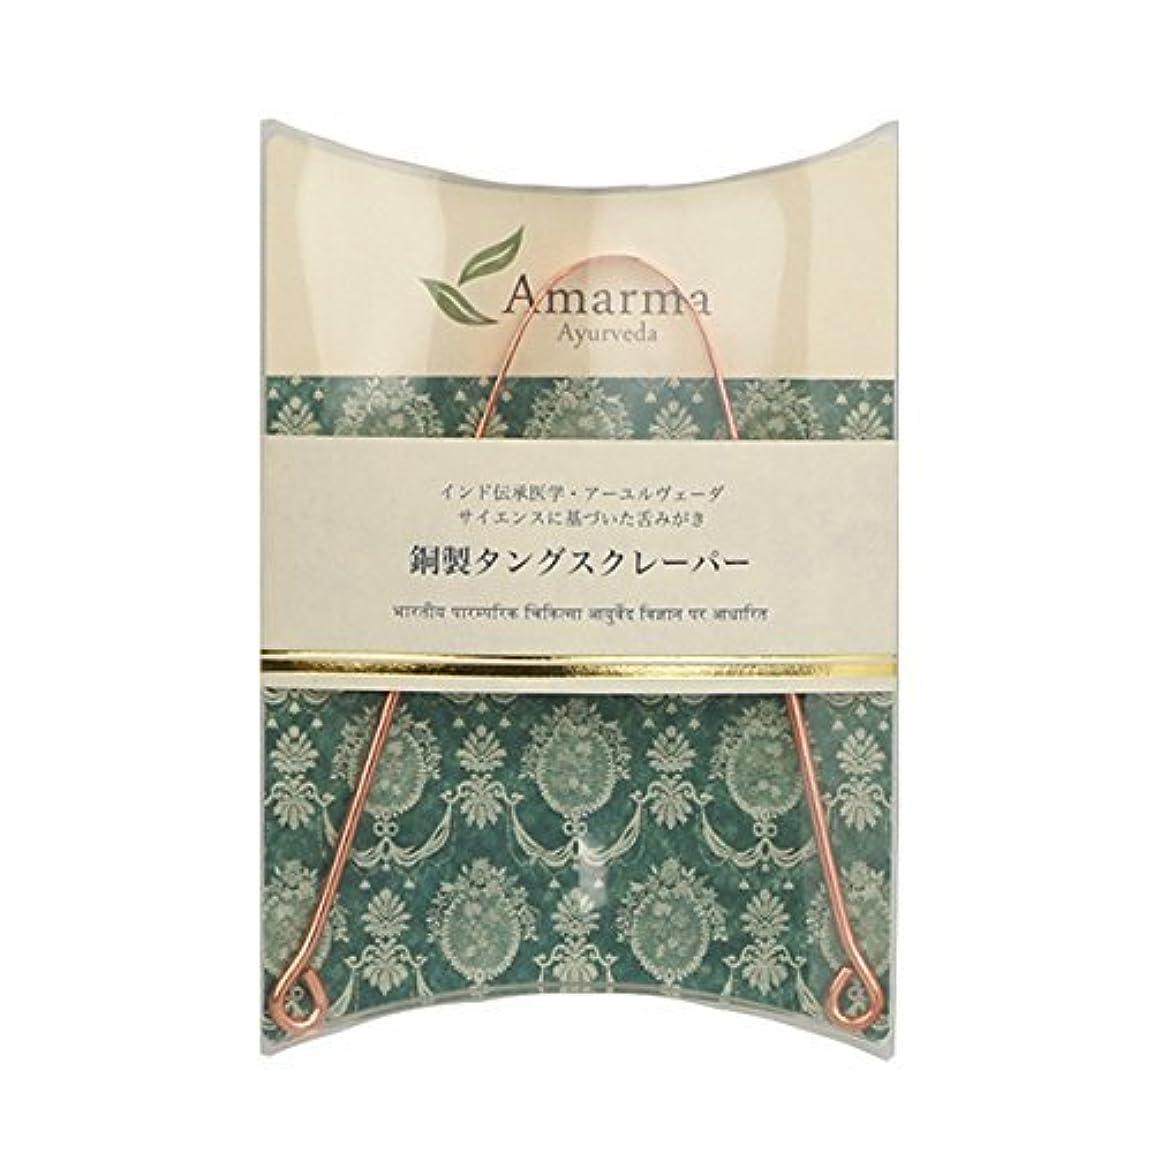 麻酔薬甲虫パンフレット銅製タングスクレーパー(舌みがき)